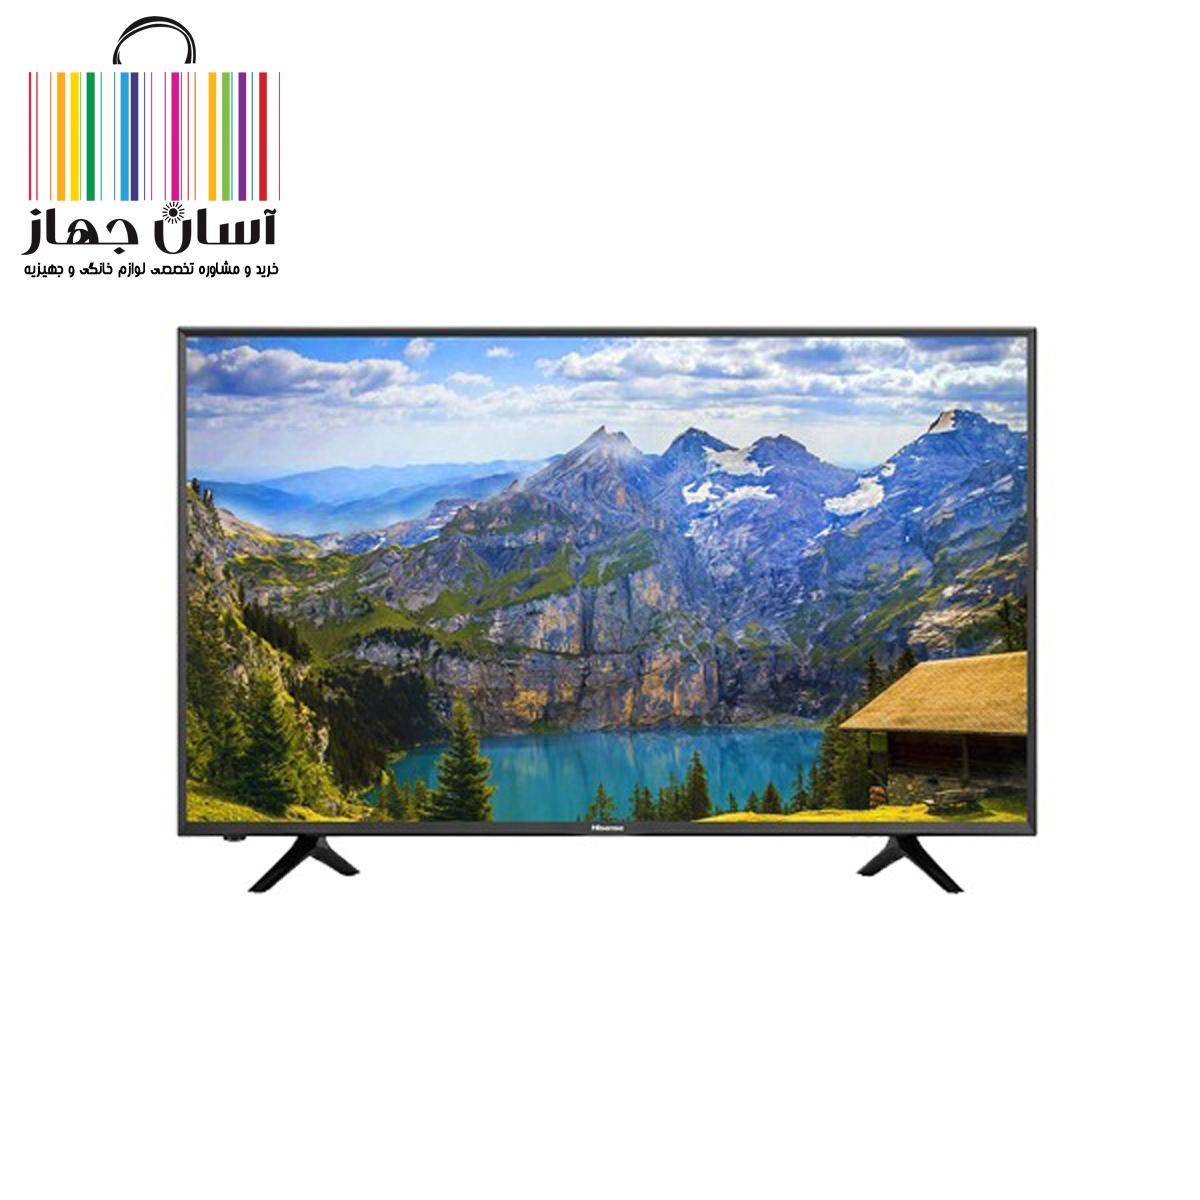 تلویزیون 55 اینچ هایسنس مدل 55N3000UM